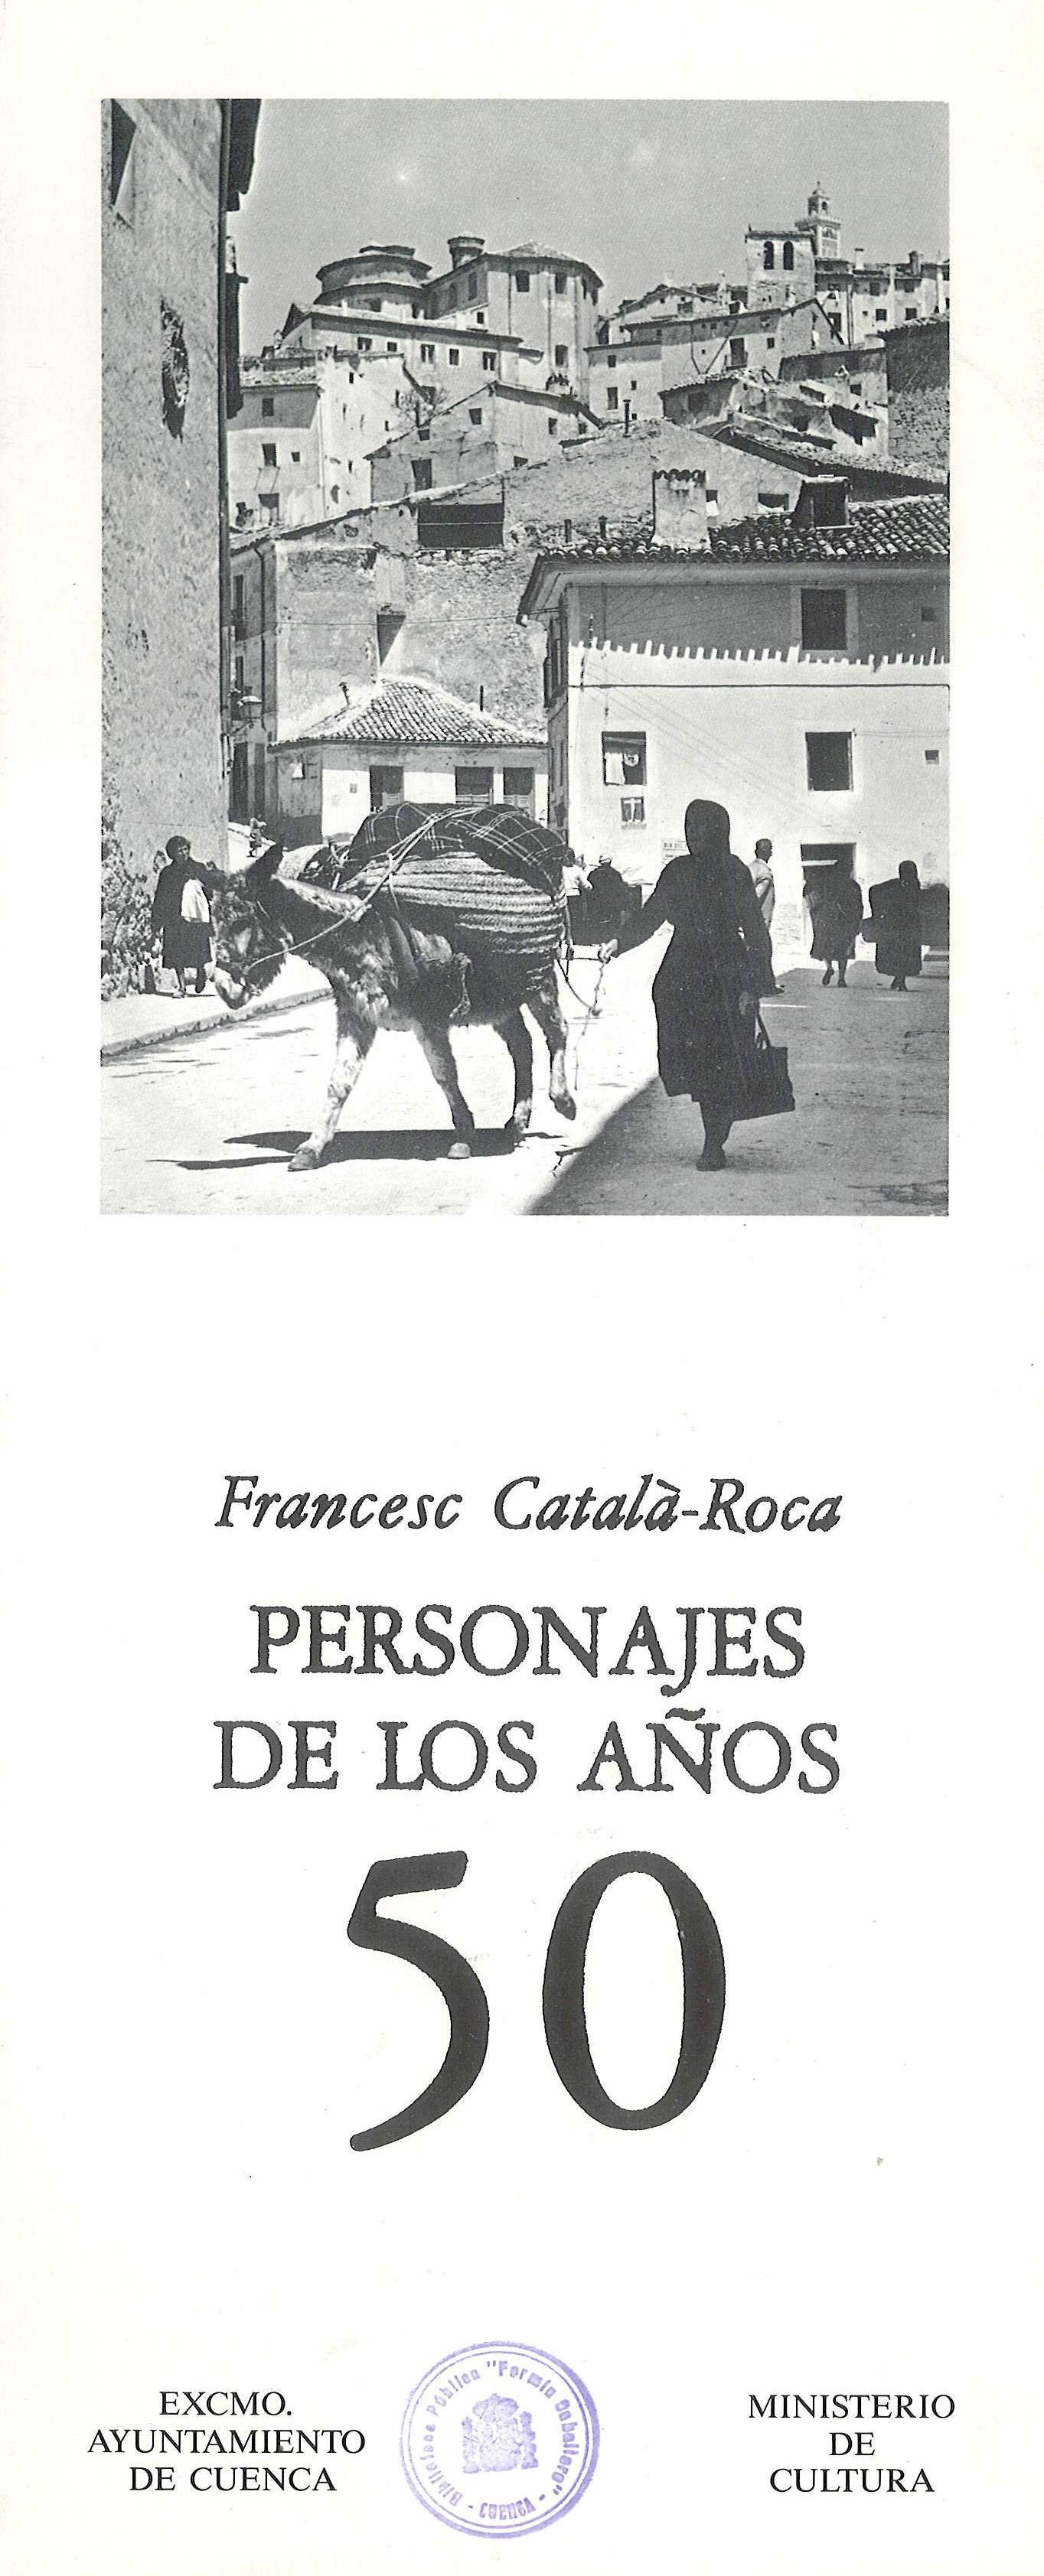 """""""Personajes de los años 50"""" exposición de fotografías de Francesc Català-Roca en la Sala El Almudí Cuenca Junio 1987 #SalaAlmudiCuenca #Cuenca #FrancescCatalaRoca"""